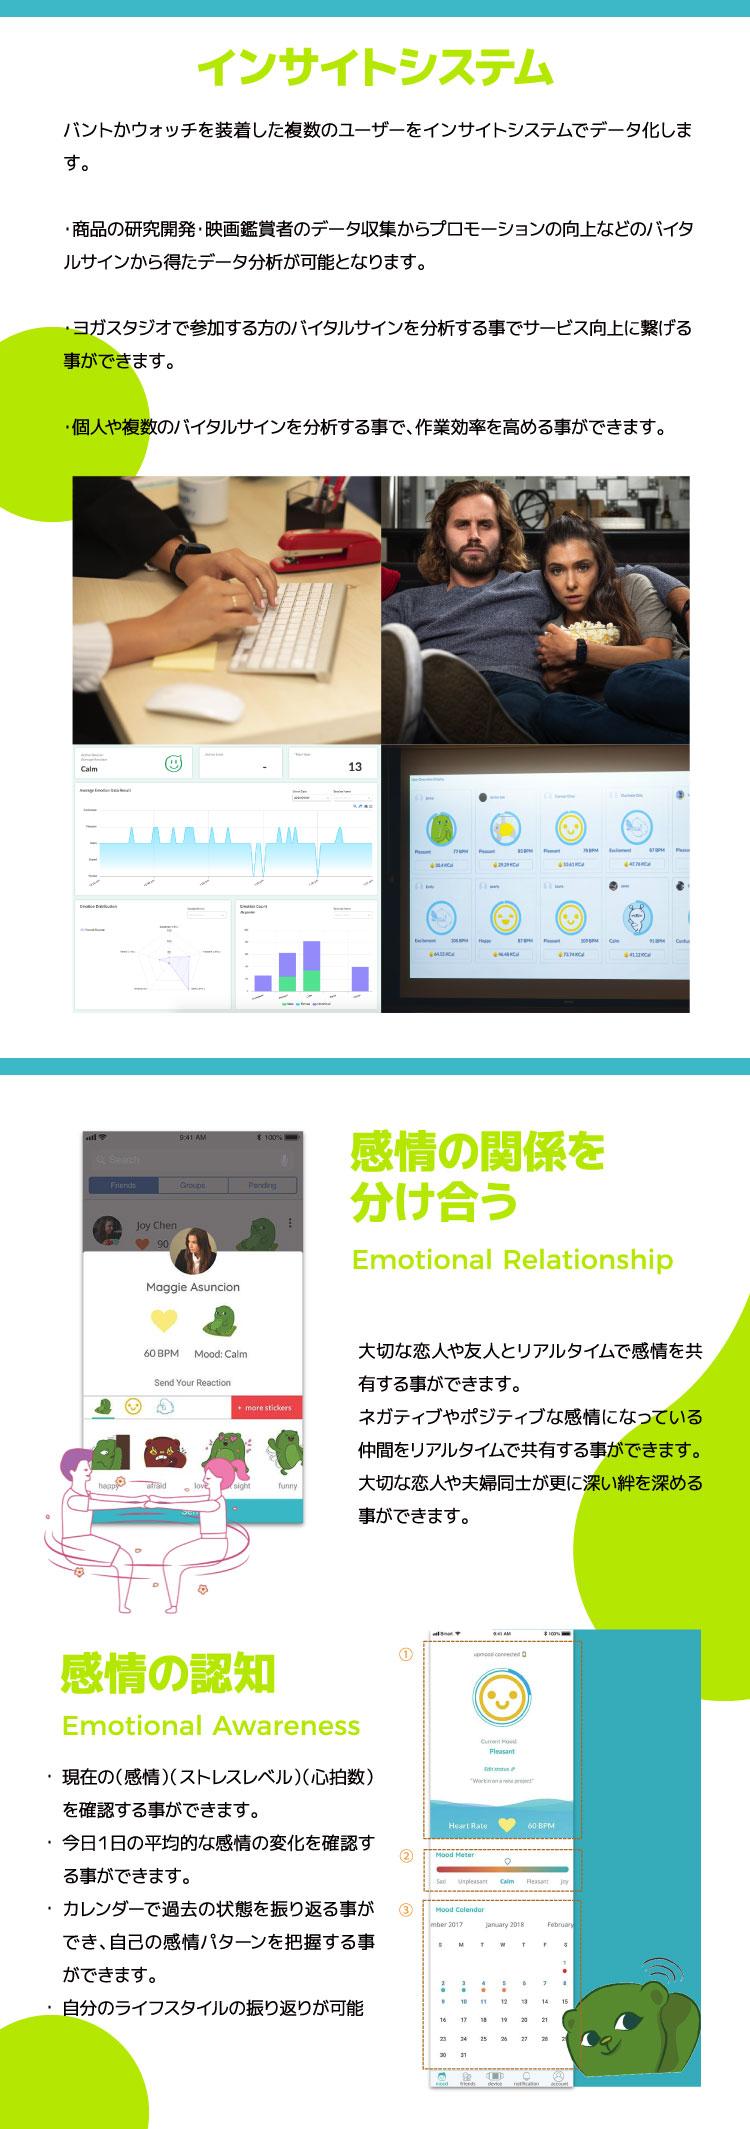 インサイトシステム / 感情の関係を分け合う / 感情の認知